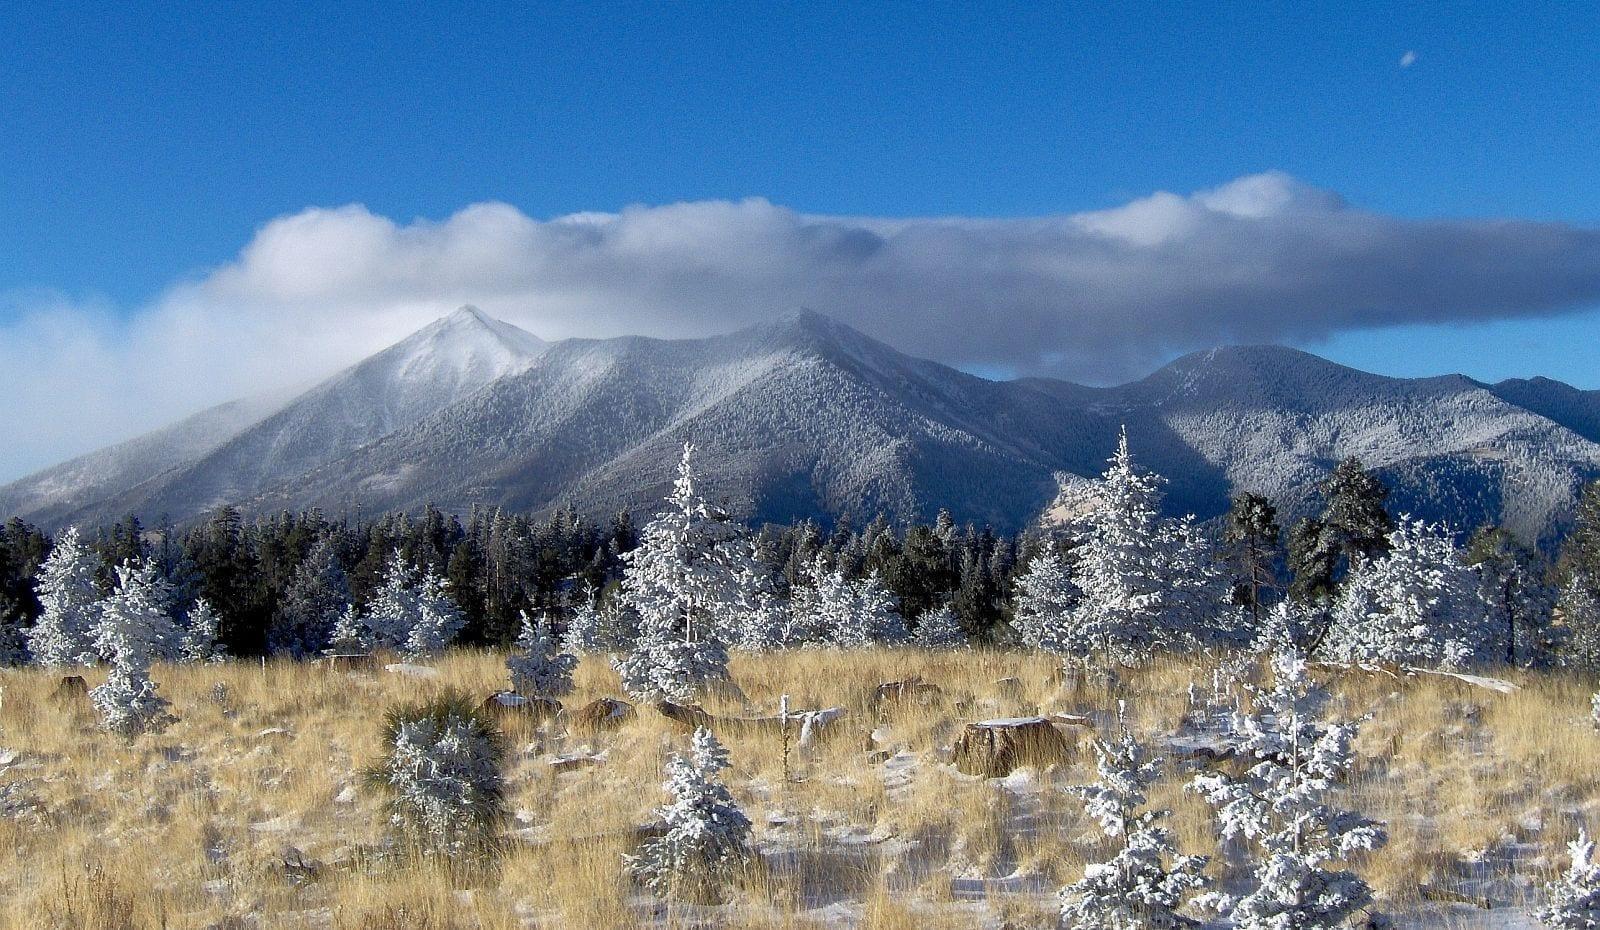 Los picos de San Francisco vistos desde el Monte Elden Flagstaff AZ Estados Unidos